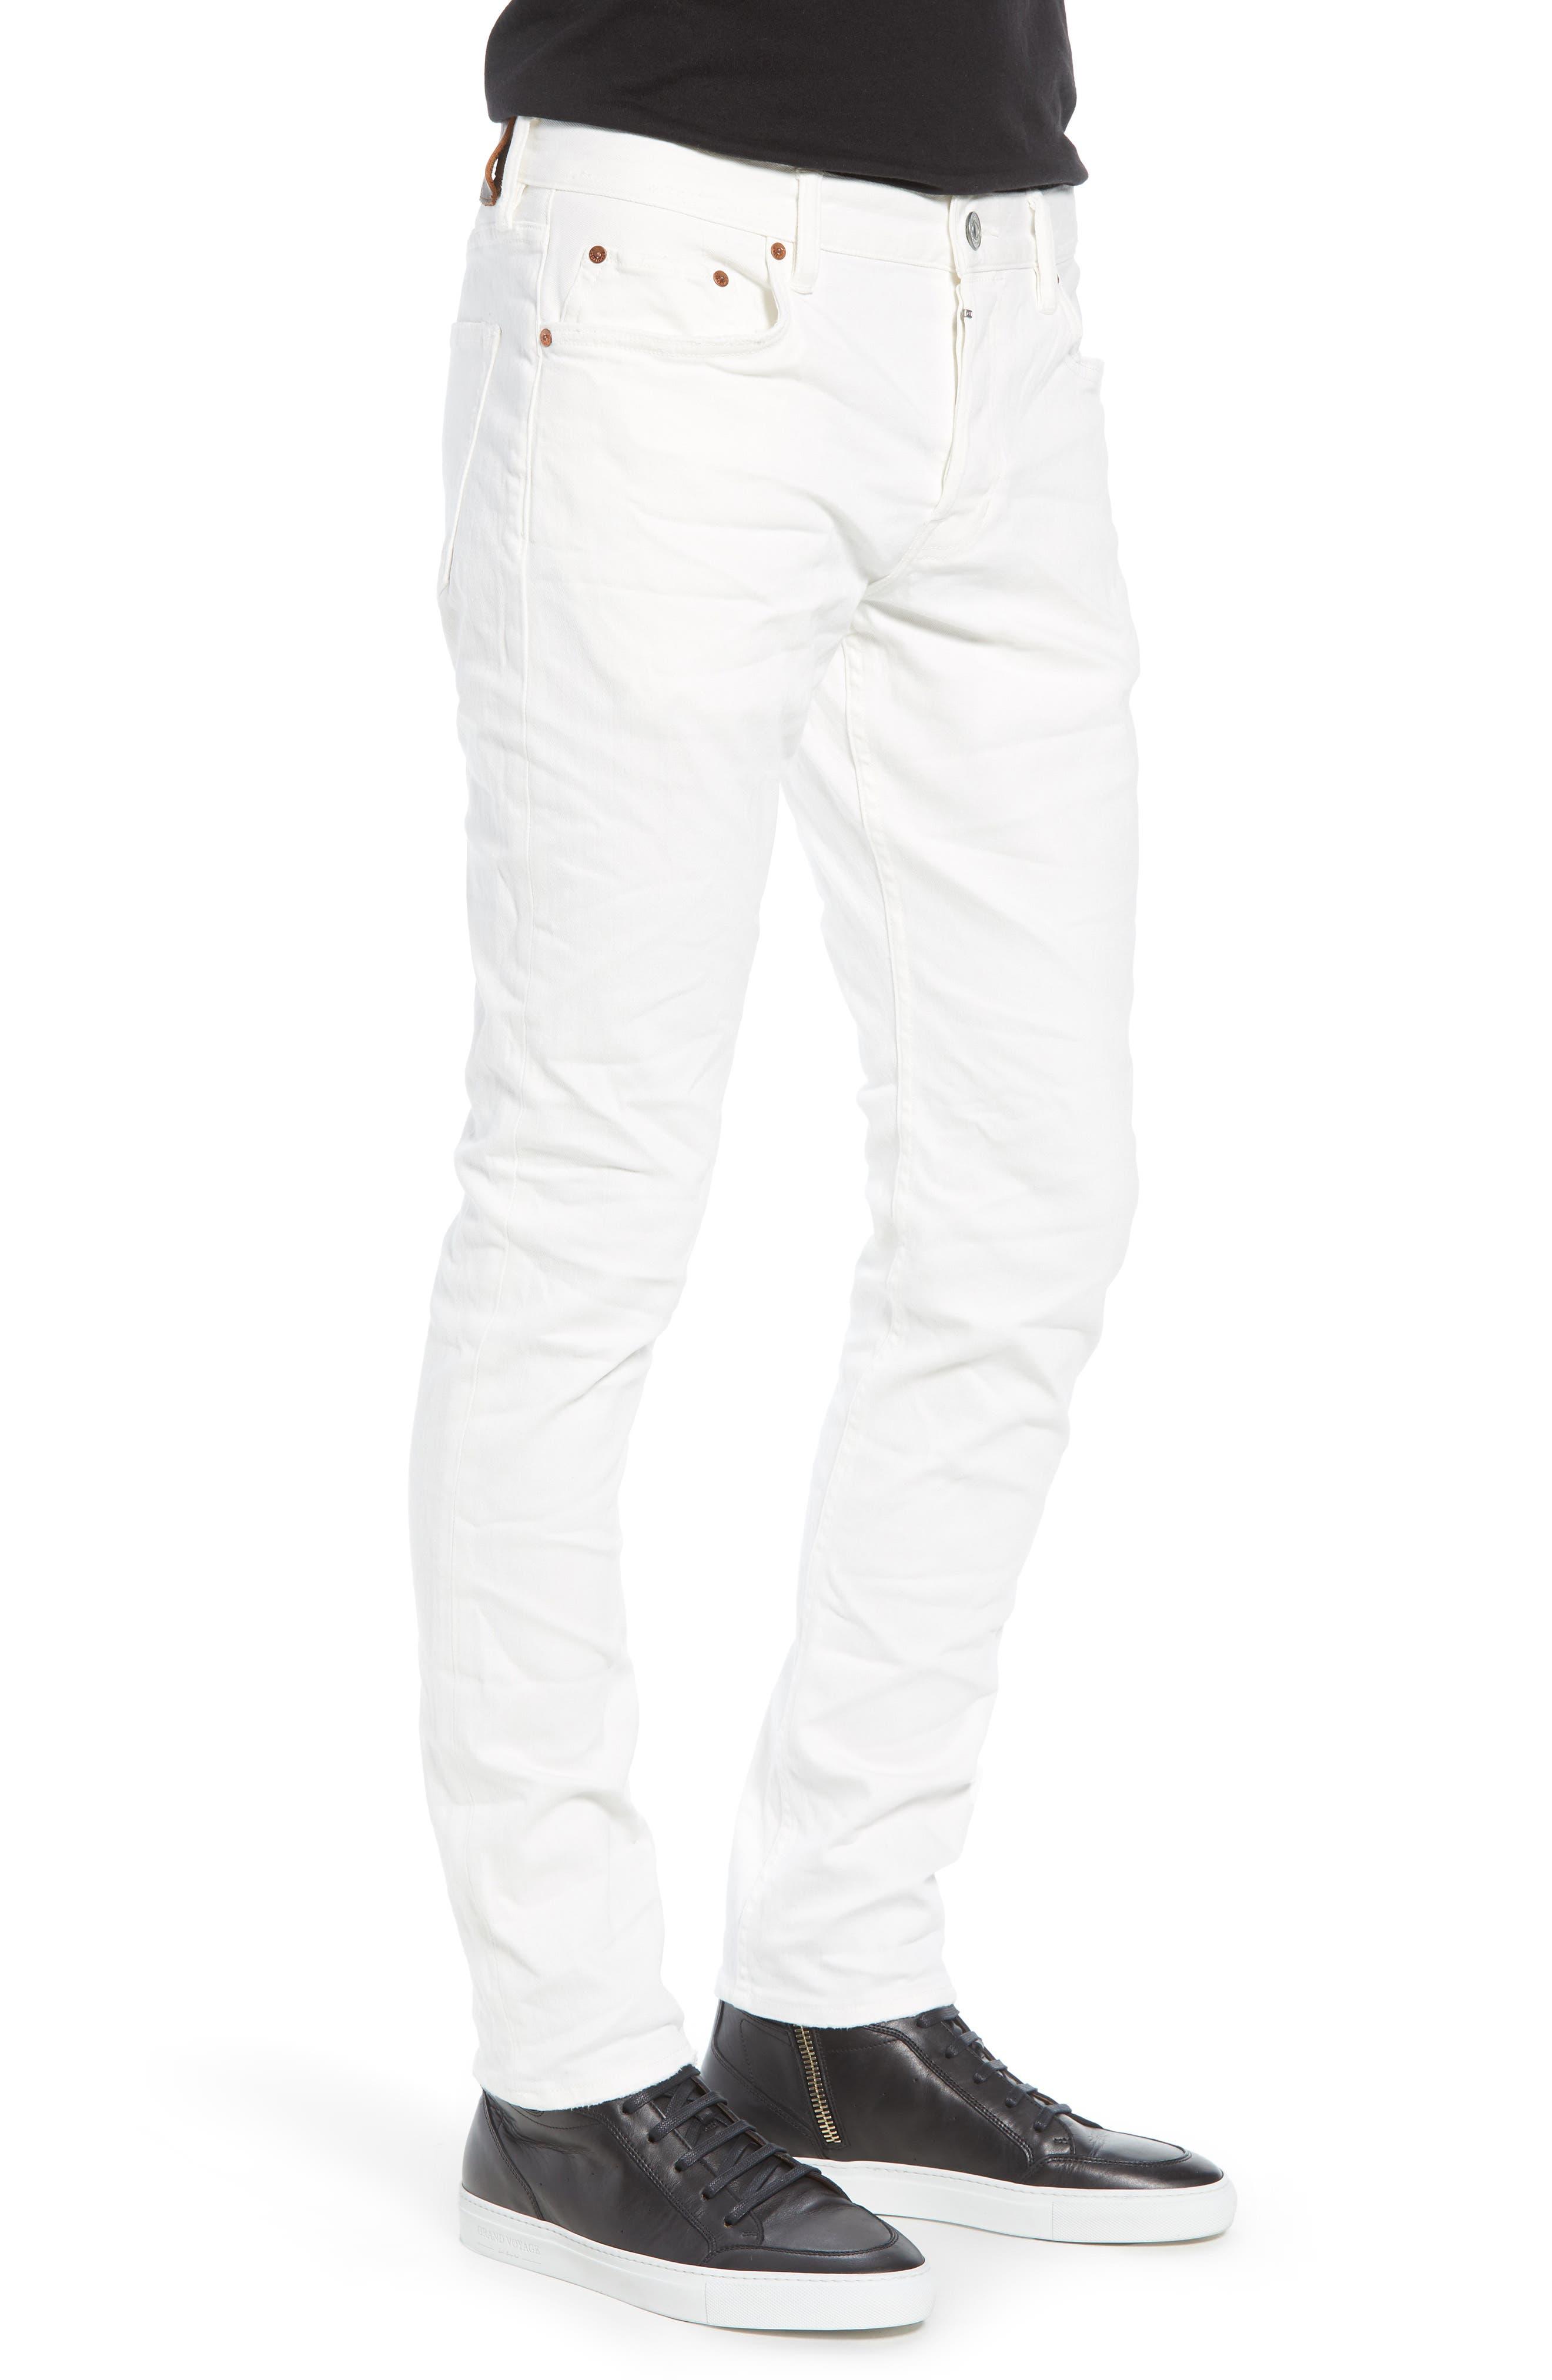 Weott Rex Slim Fit Jeans,                             Alternate thumbnail 3, color,                             100